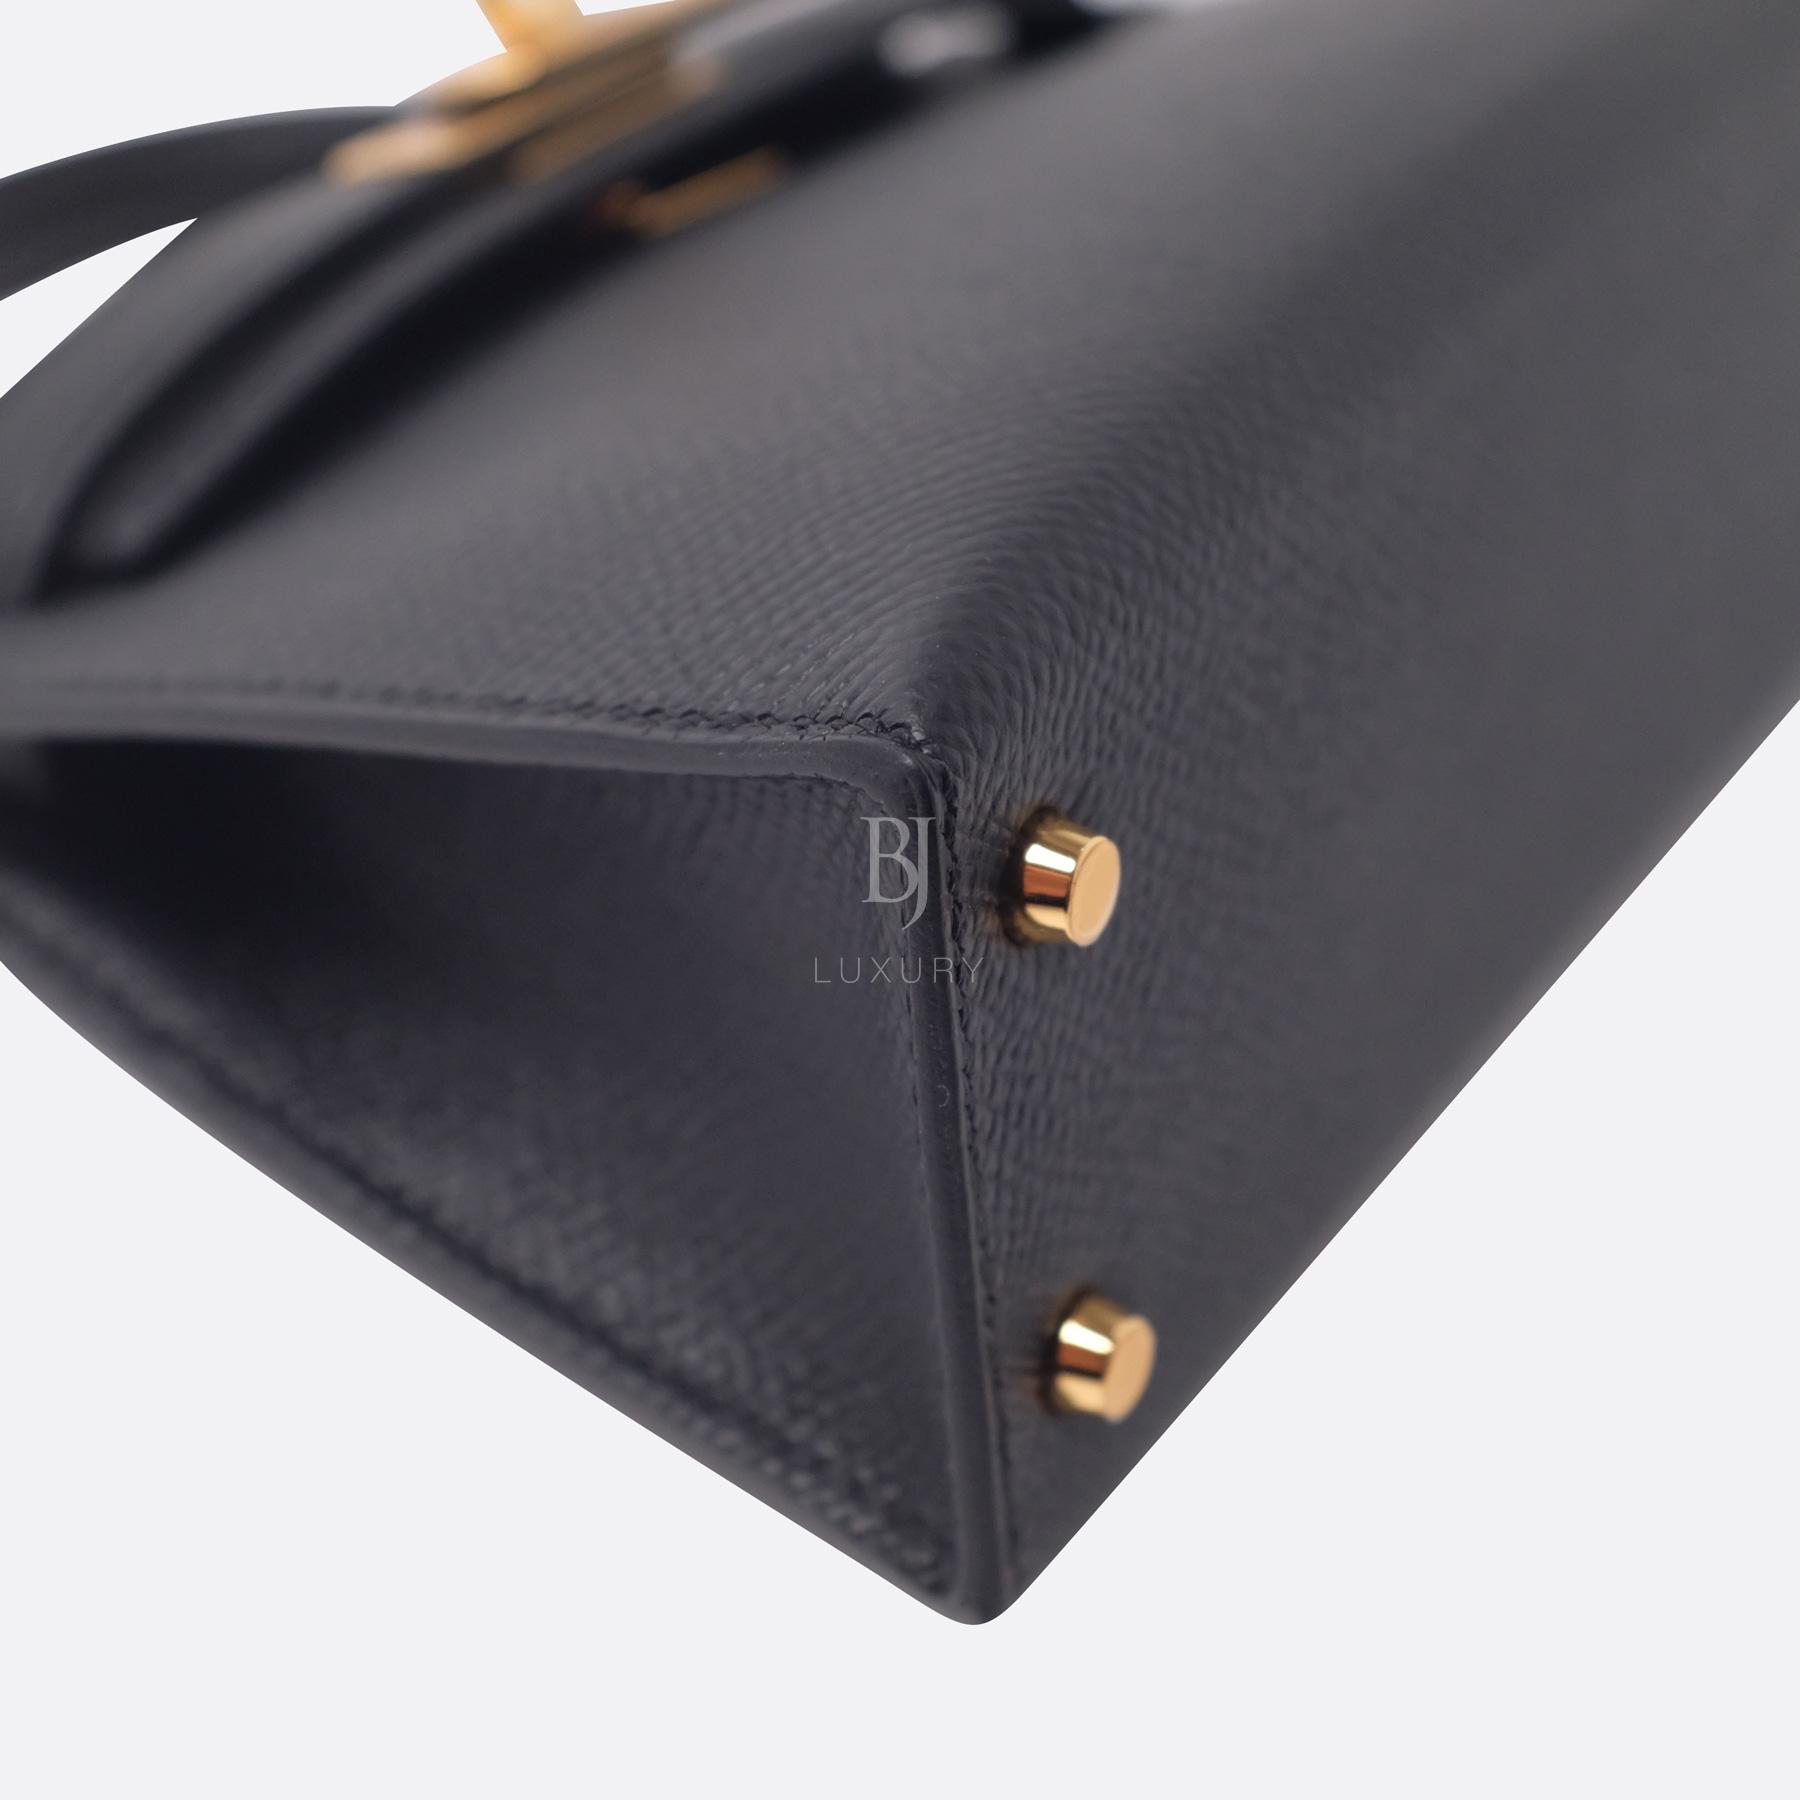 Hermes Kelly Sellier 20 Black Gold Hardware Epsom 6 BJ Luxury.jpg